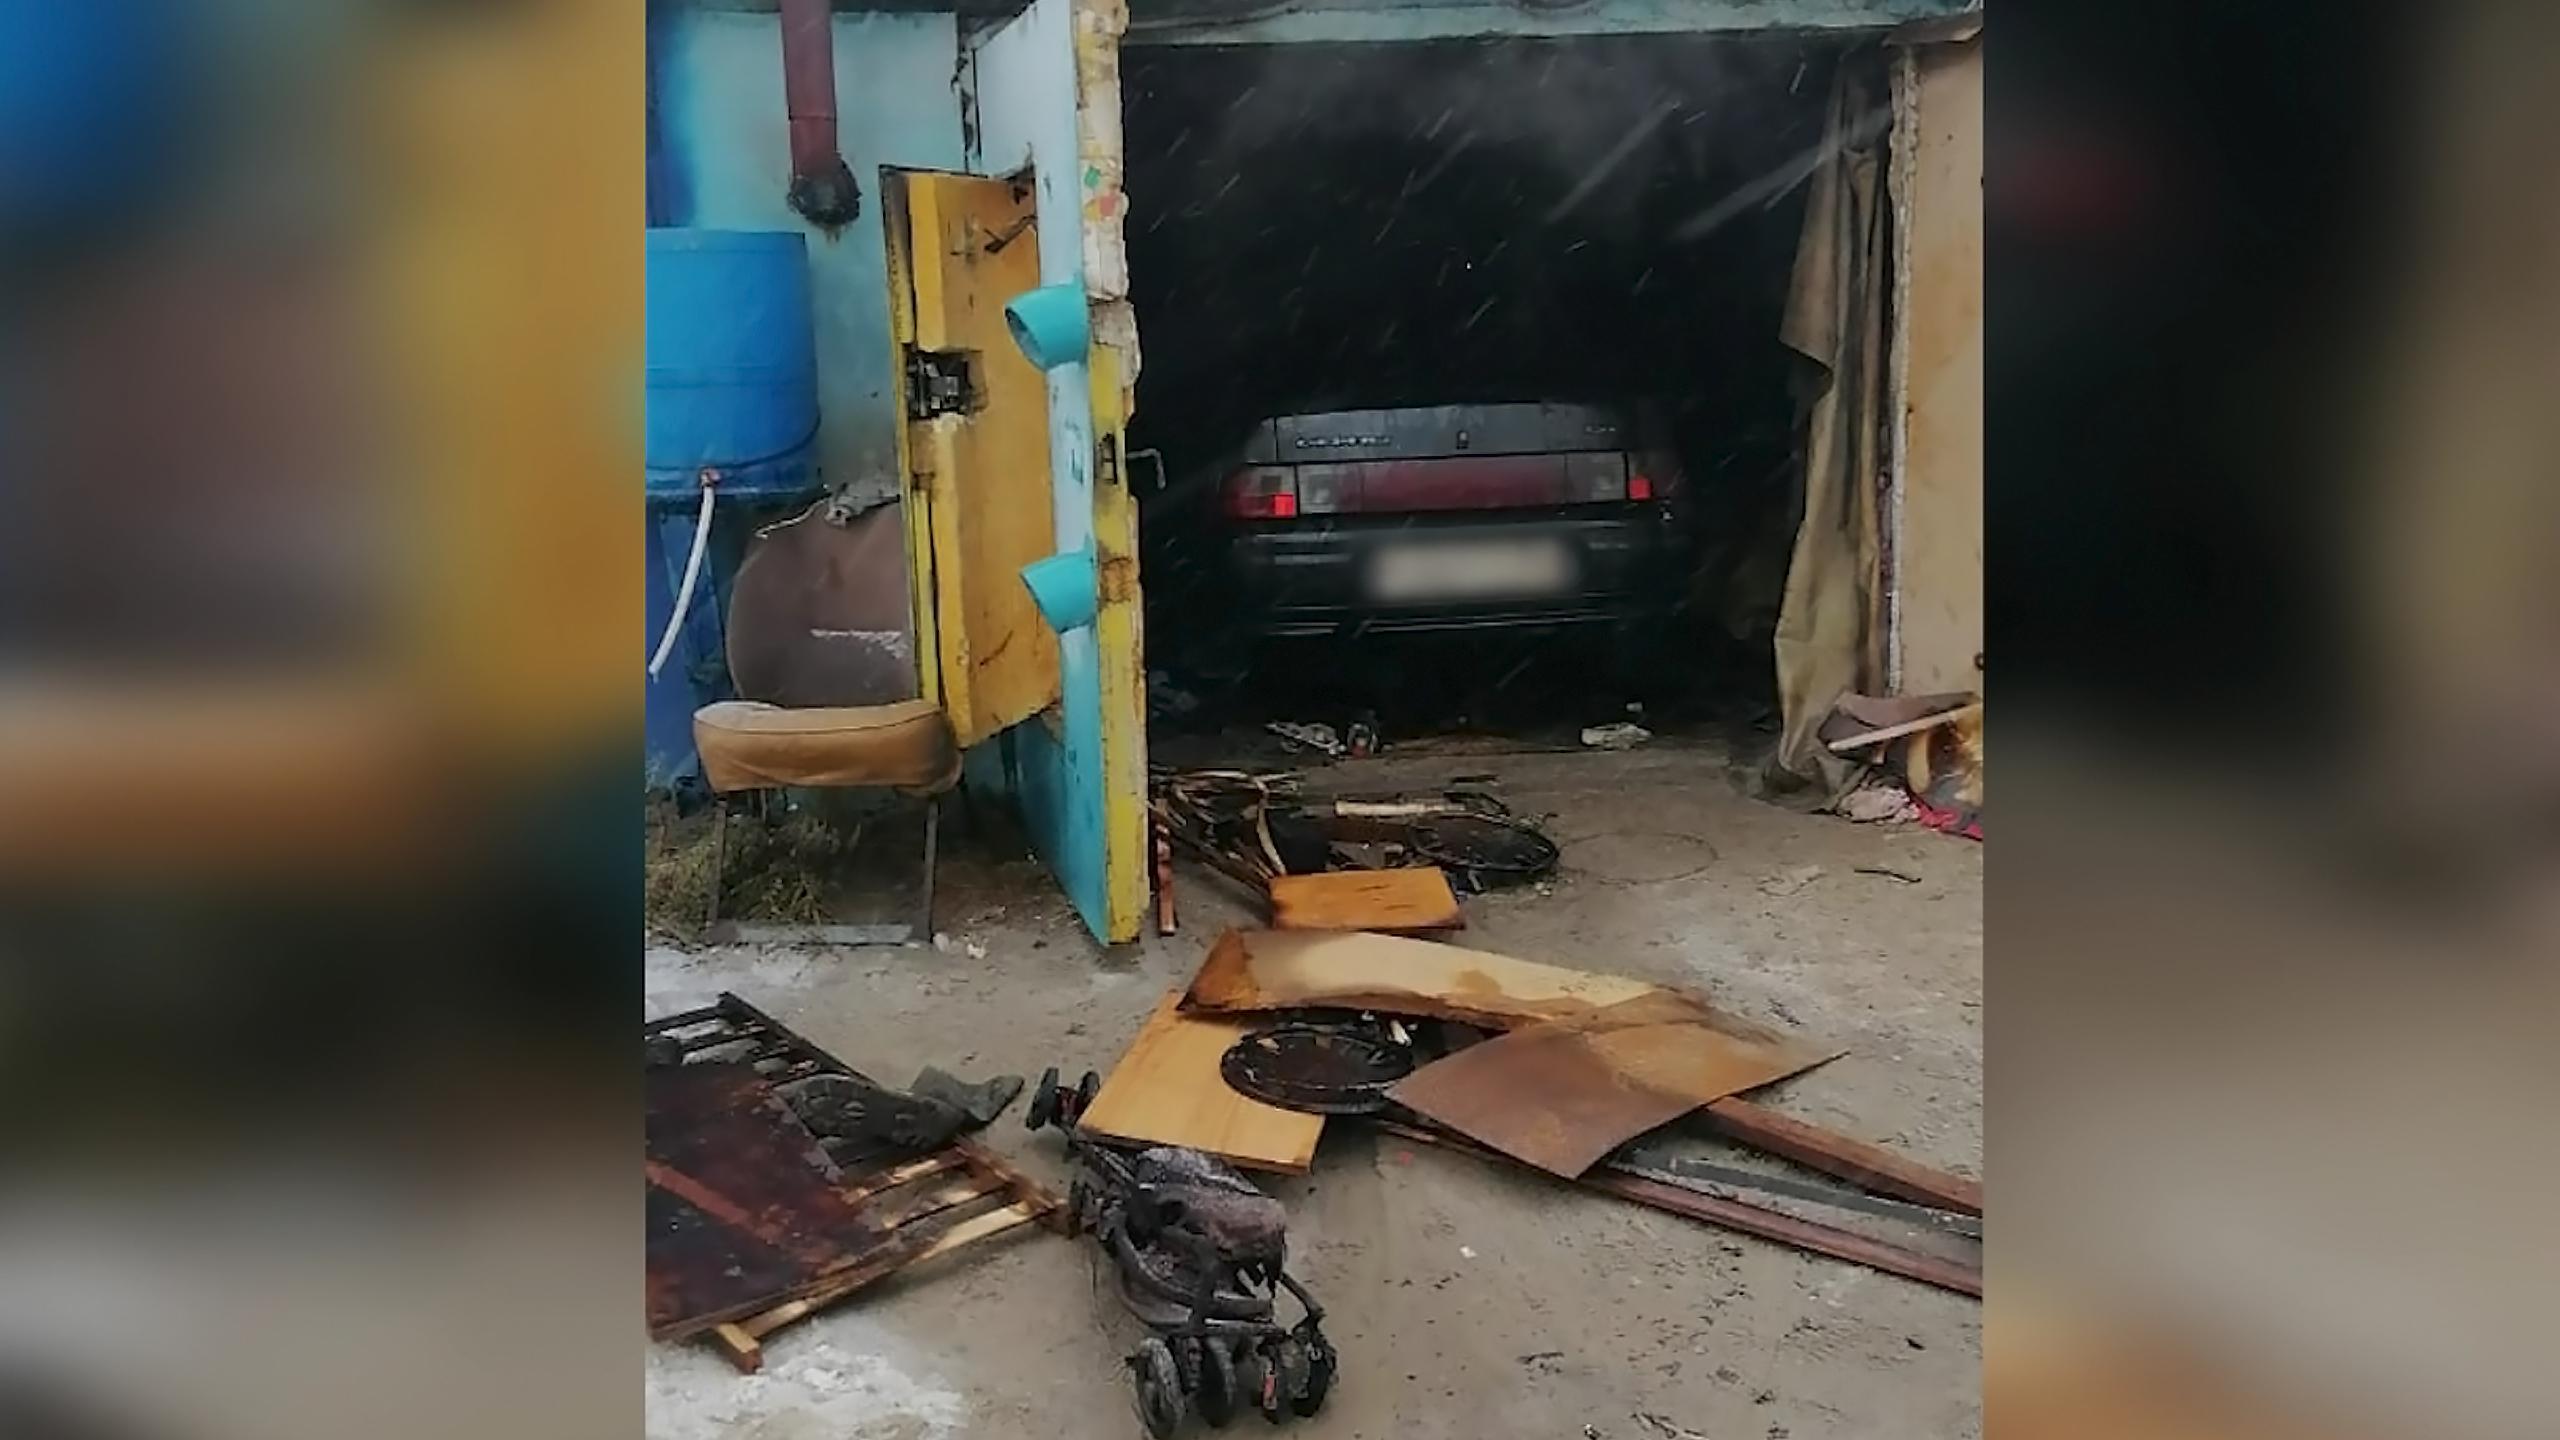 Пожар произошел на территории промзоны в Муравленко: есть погибший